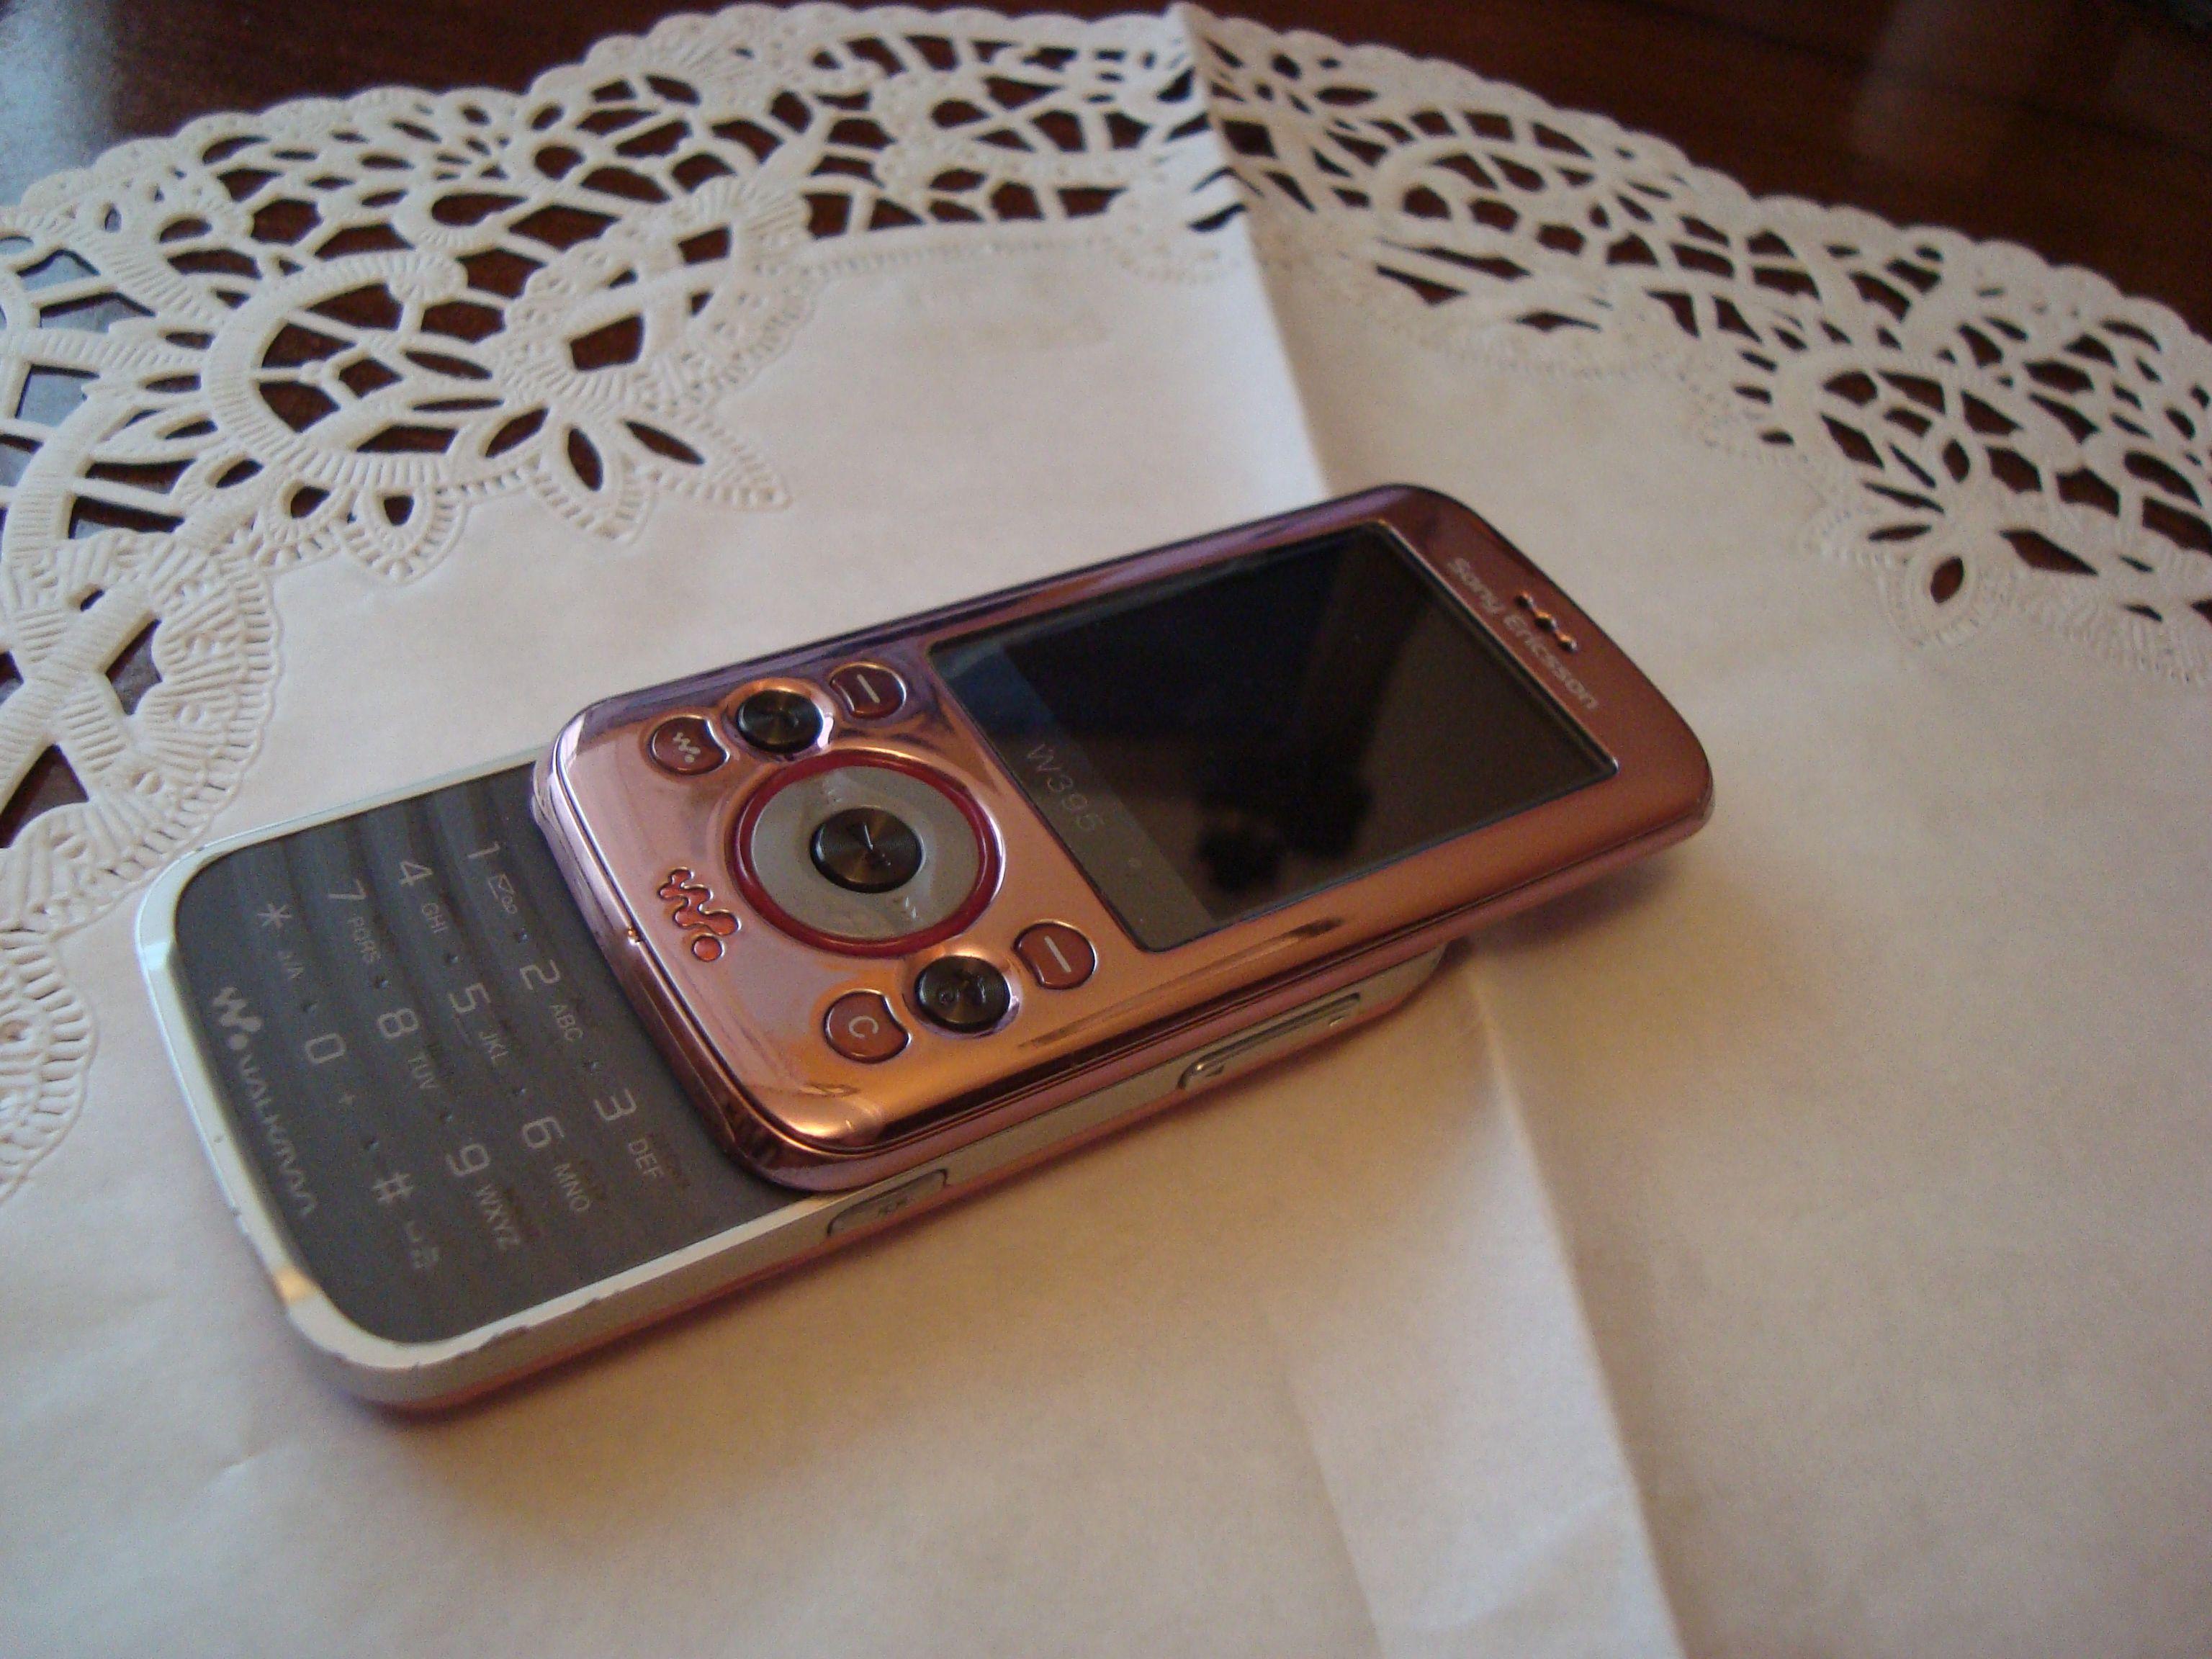 игры для телефона sony ericsson w330i